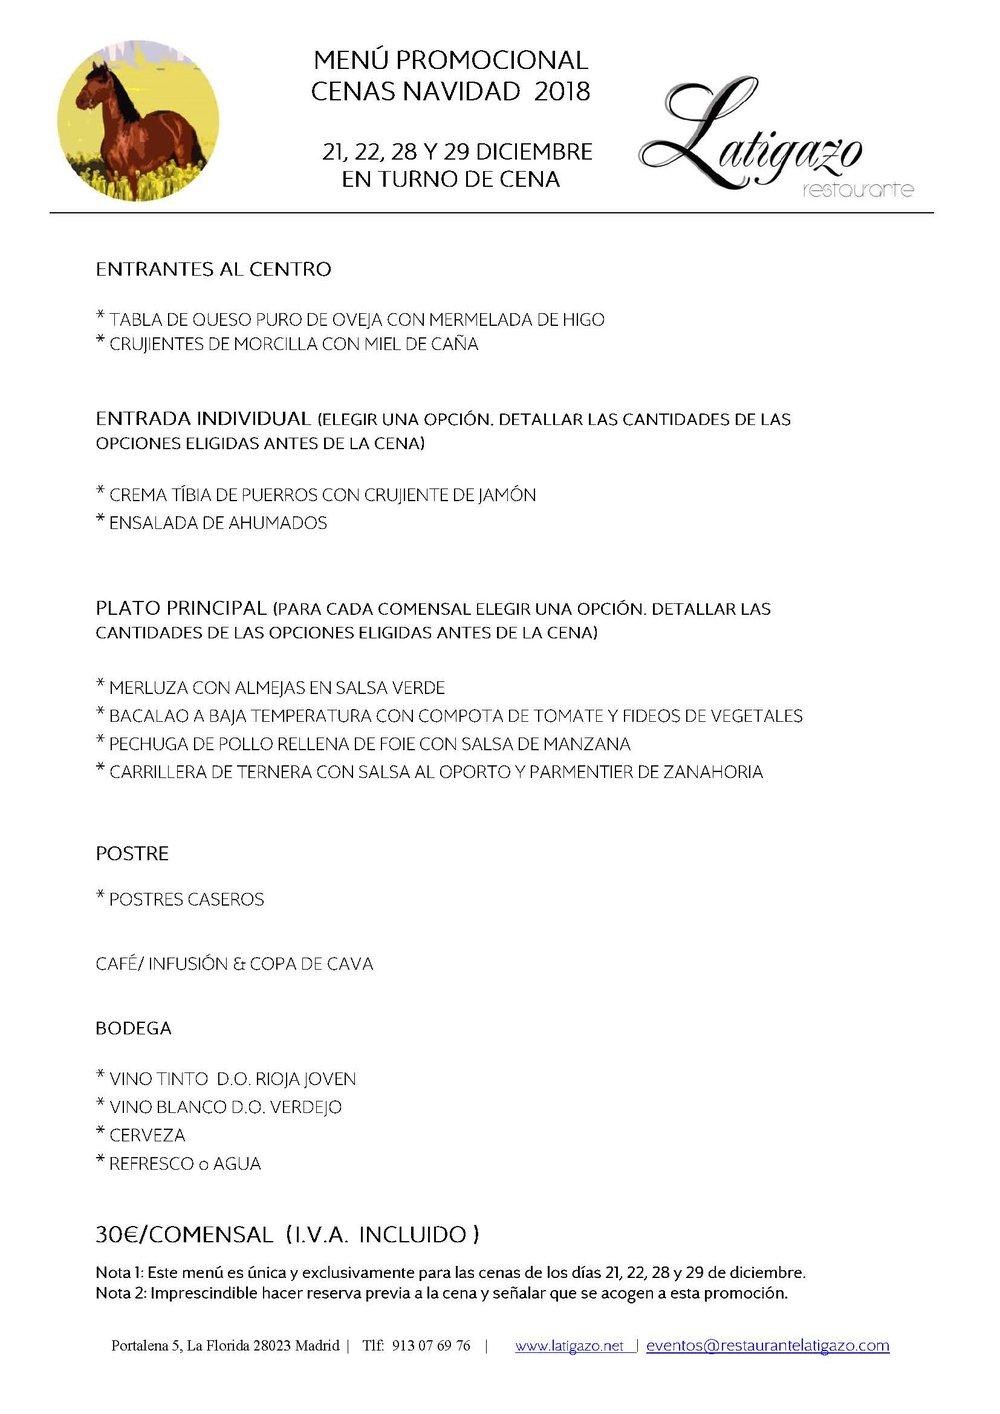 Menú Promocional Cenas Latigazo 2018_ 30€.jpg